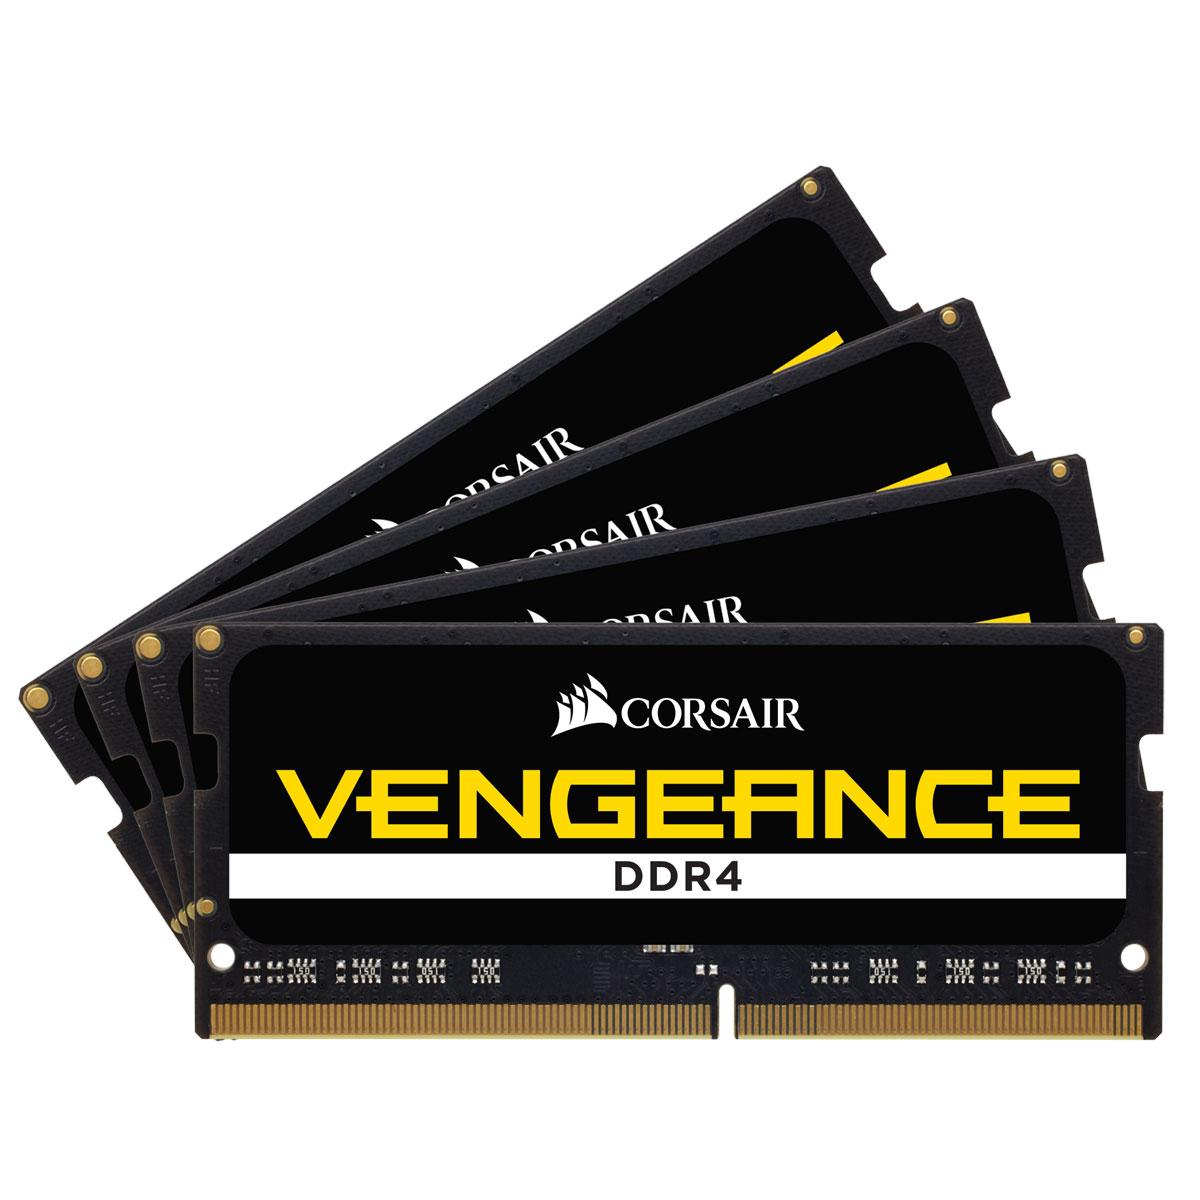 Mémoire PC Corsair Vengeance SO-DIMM DDR4 32 Go (4 x 8 Go) 3600 MHz CL16 Kit Quad Channel RAM DDR4 PC4-28800 - CMSX32GX4M4X3600C16 (garantie 10 ans par Corsair)